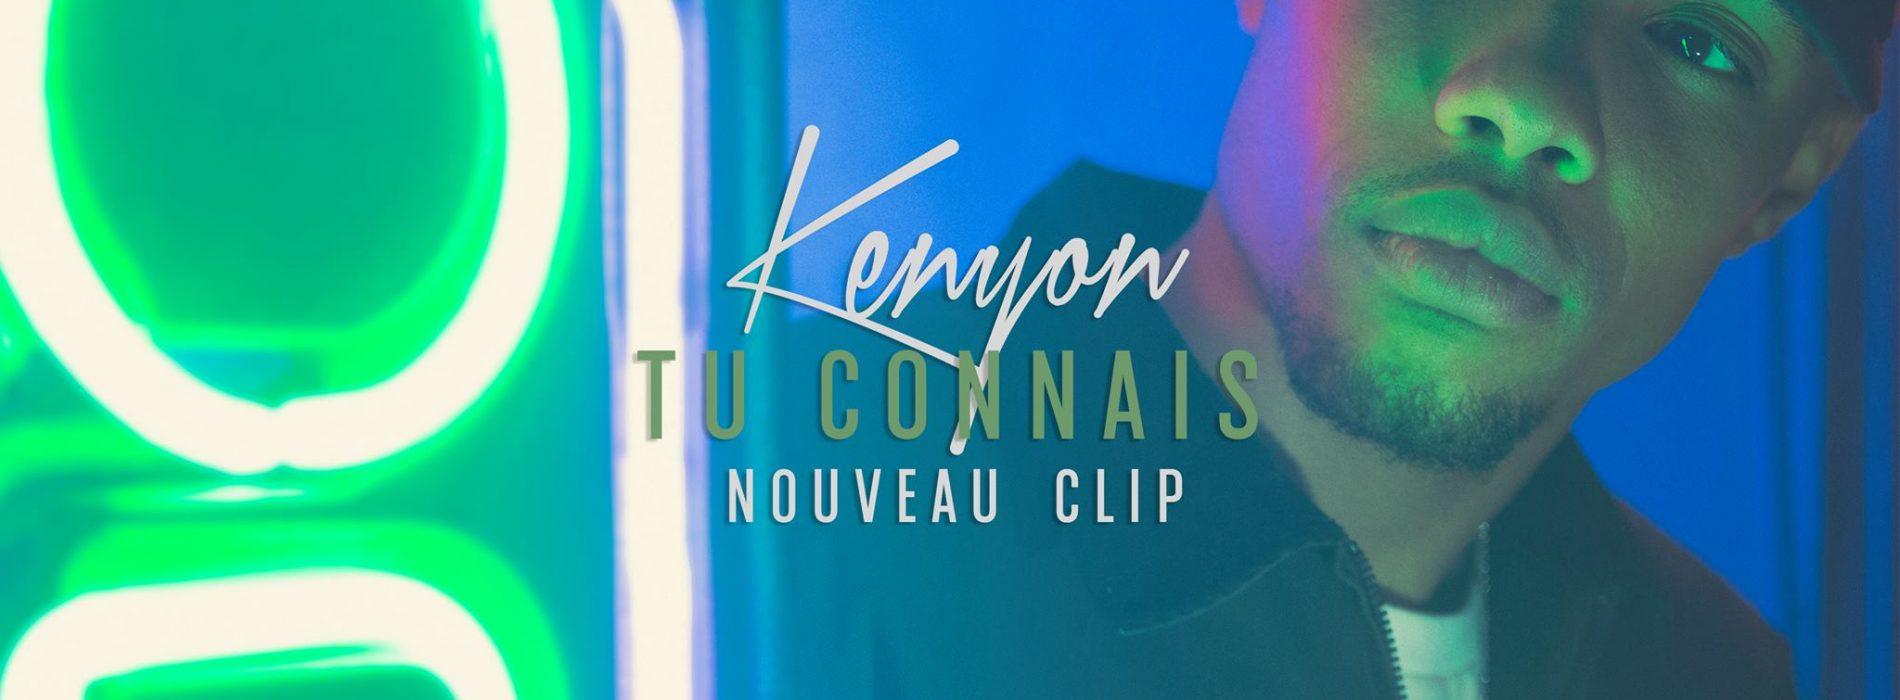 """""""Tu Connais"""", le nouveau clip de Kenyon extrait de son prochain album"""